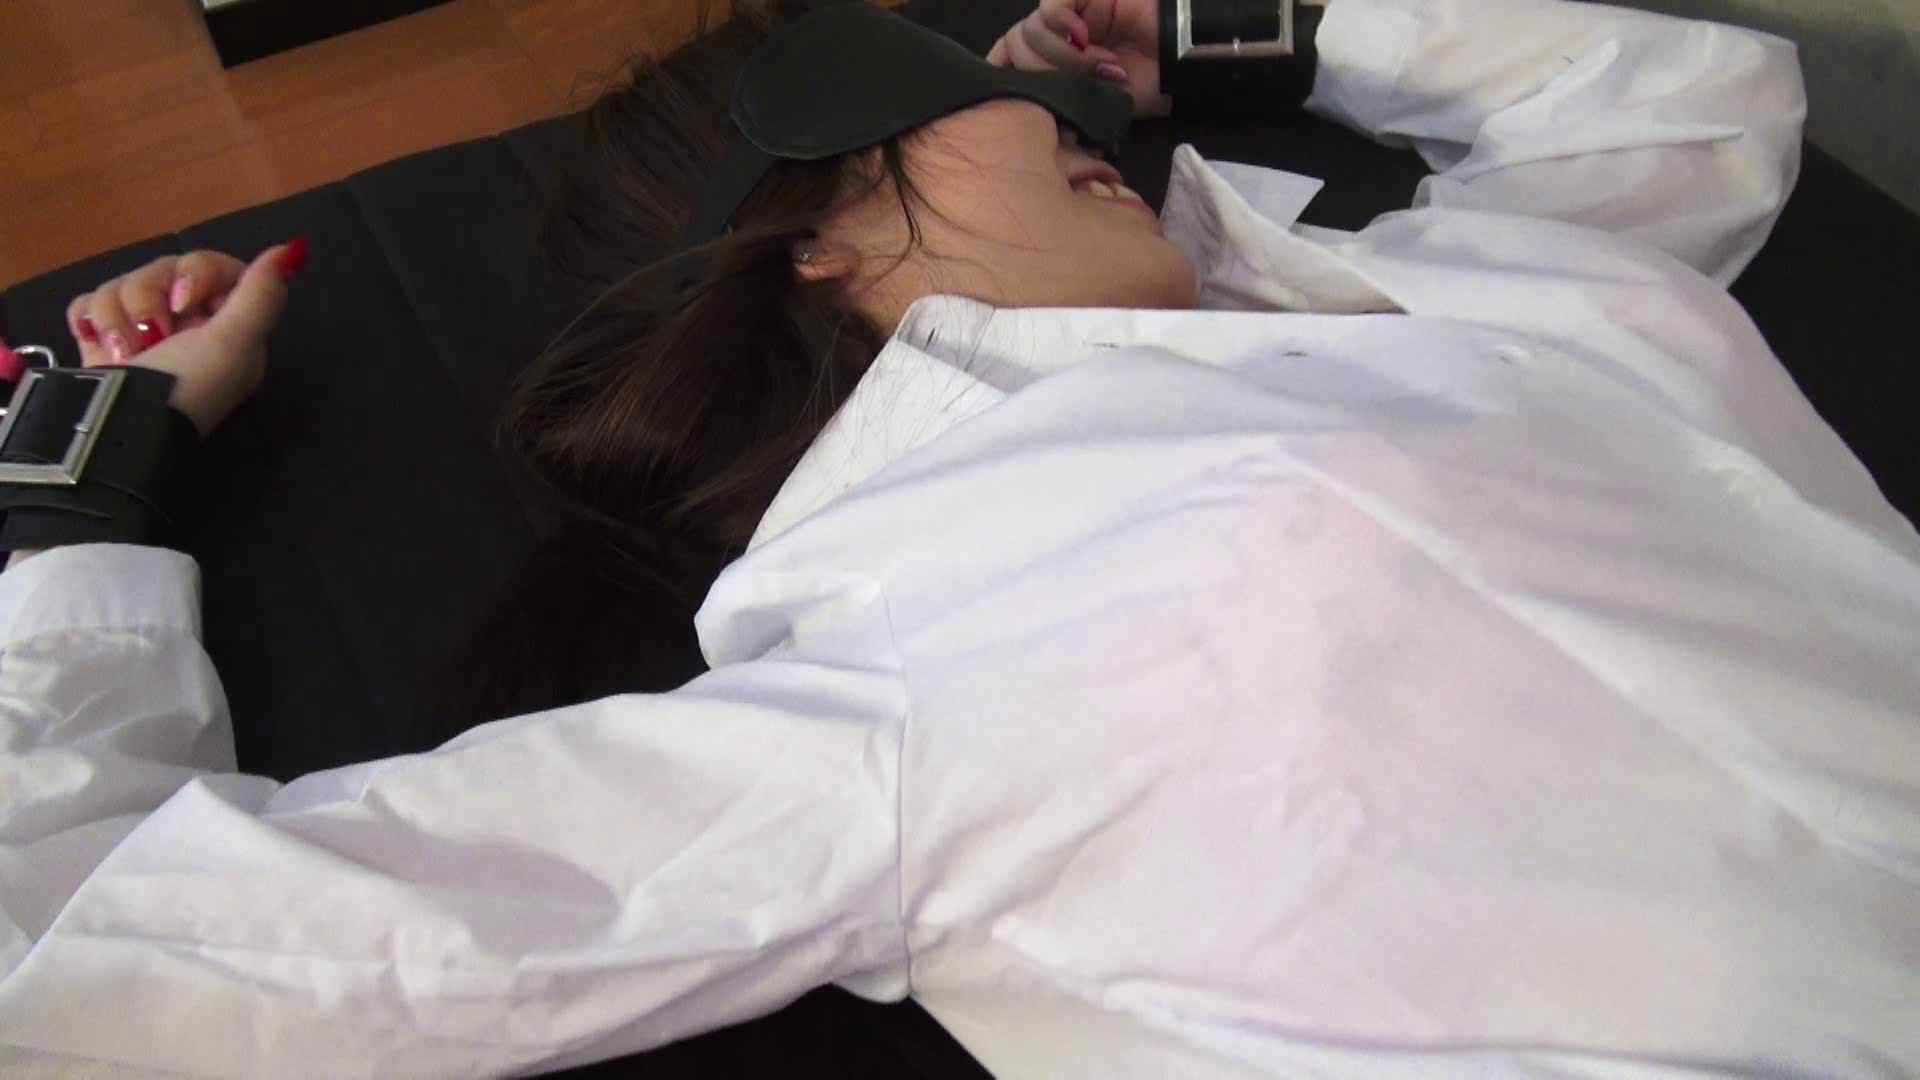 vol.2 くすぐりと刷毛で夏実ちゃんを刺激して様子を伺っています。 顔出しNG一般女性   OLのエッチ  57pic